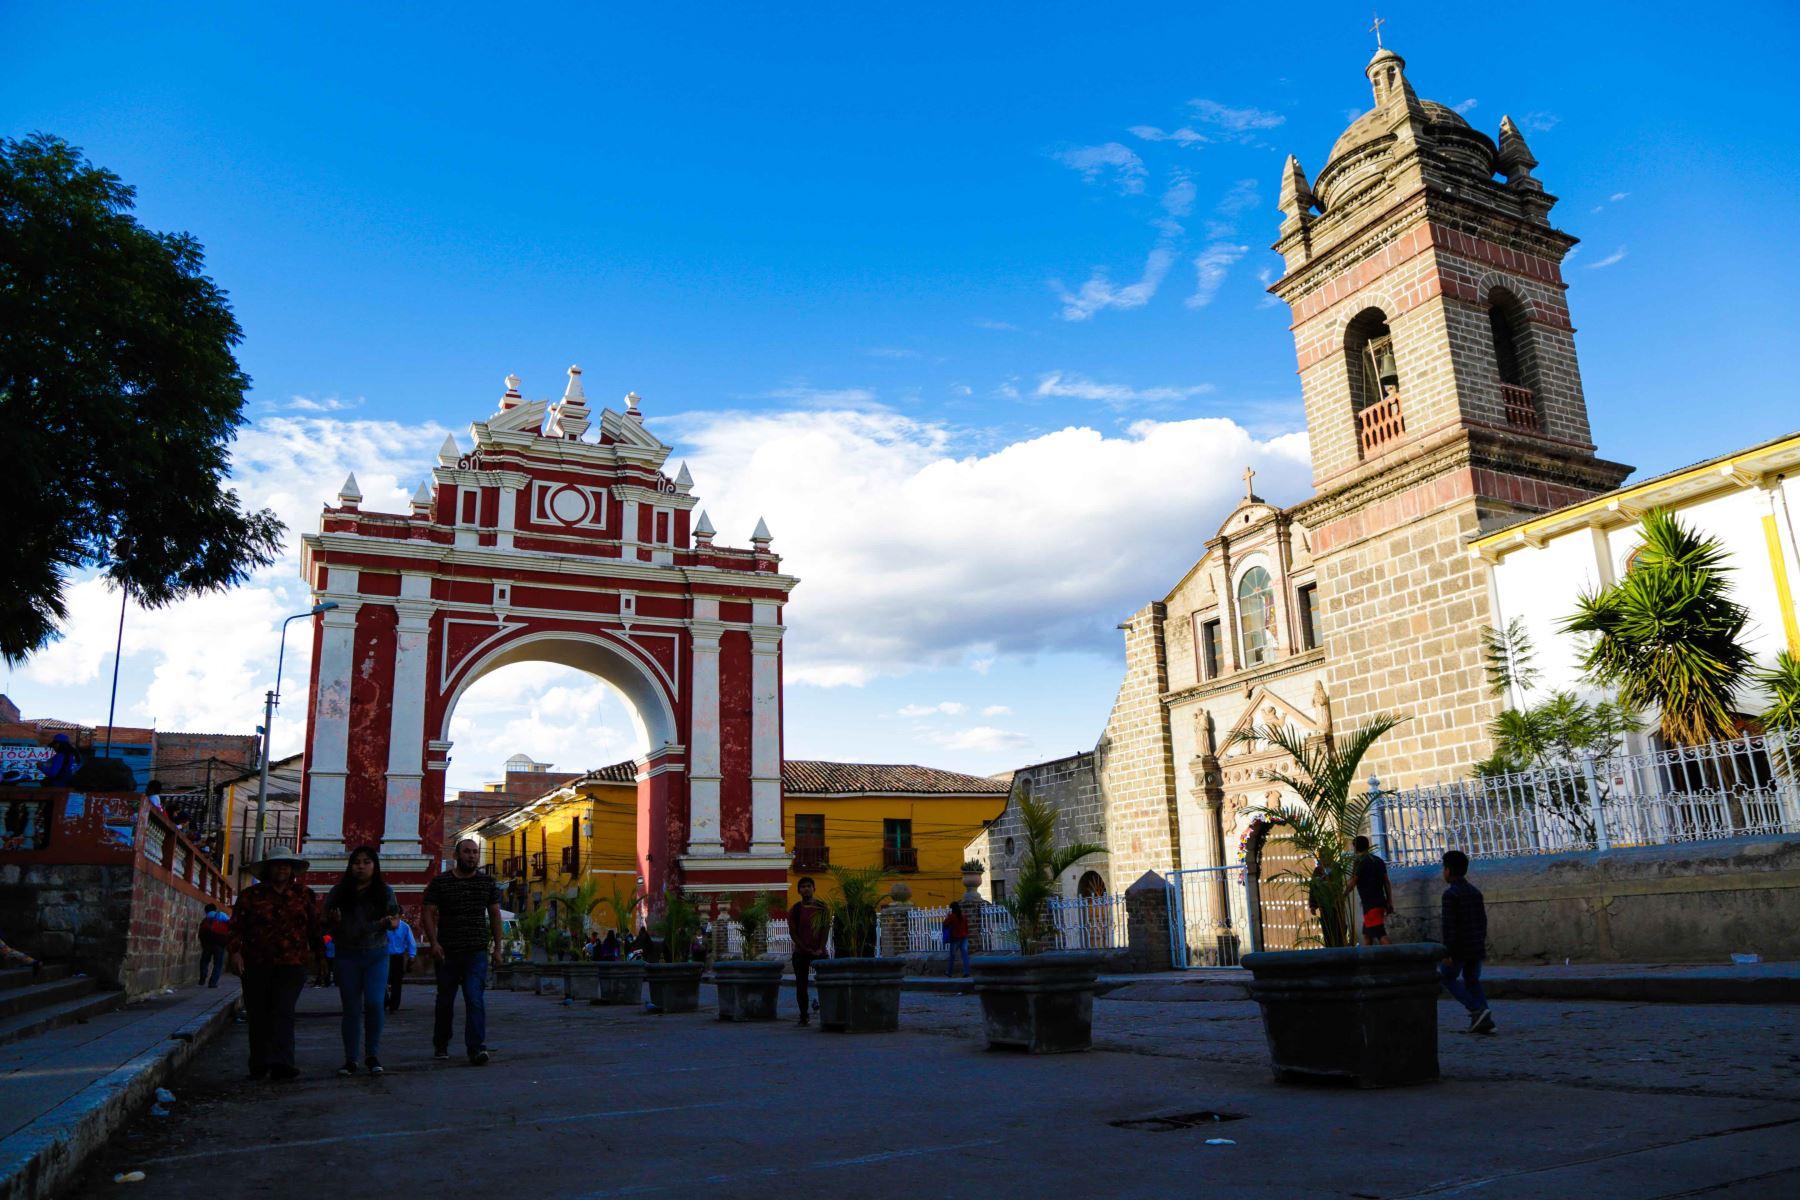 El Ejecutivo invertirá 43 millones de dólares en la puesta en valor de la ciudad de Ayacucho, gracias a un préstamo que se gestiona ante el Banco Interamericano de Desarrollo (BID) que permitirá intervenir en la conservación de ciudades con importante patrimonio cultural. ANDINA/Difusión